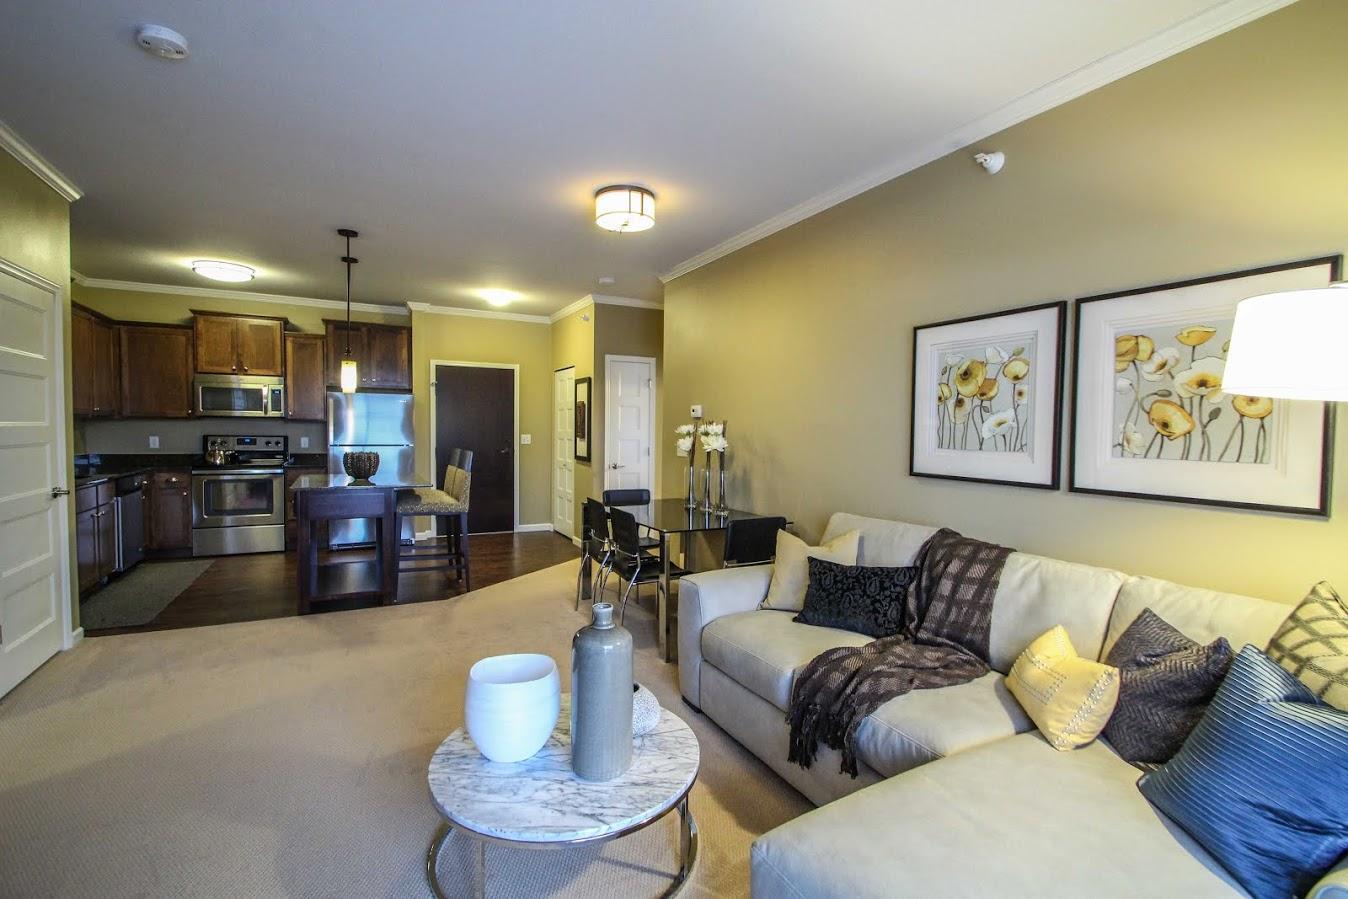 Victoria Park Apartments, St. Paul MN - Walk Score